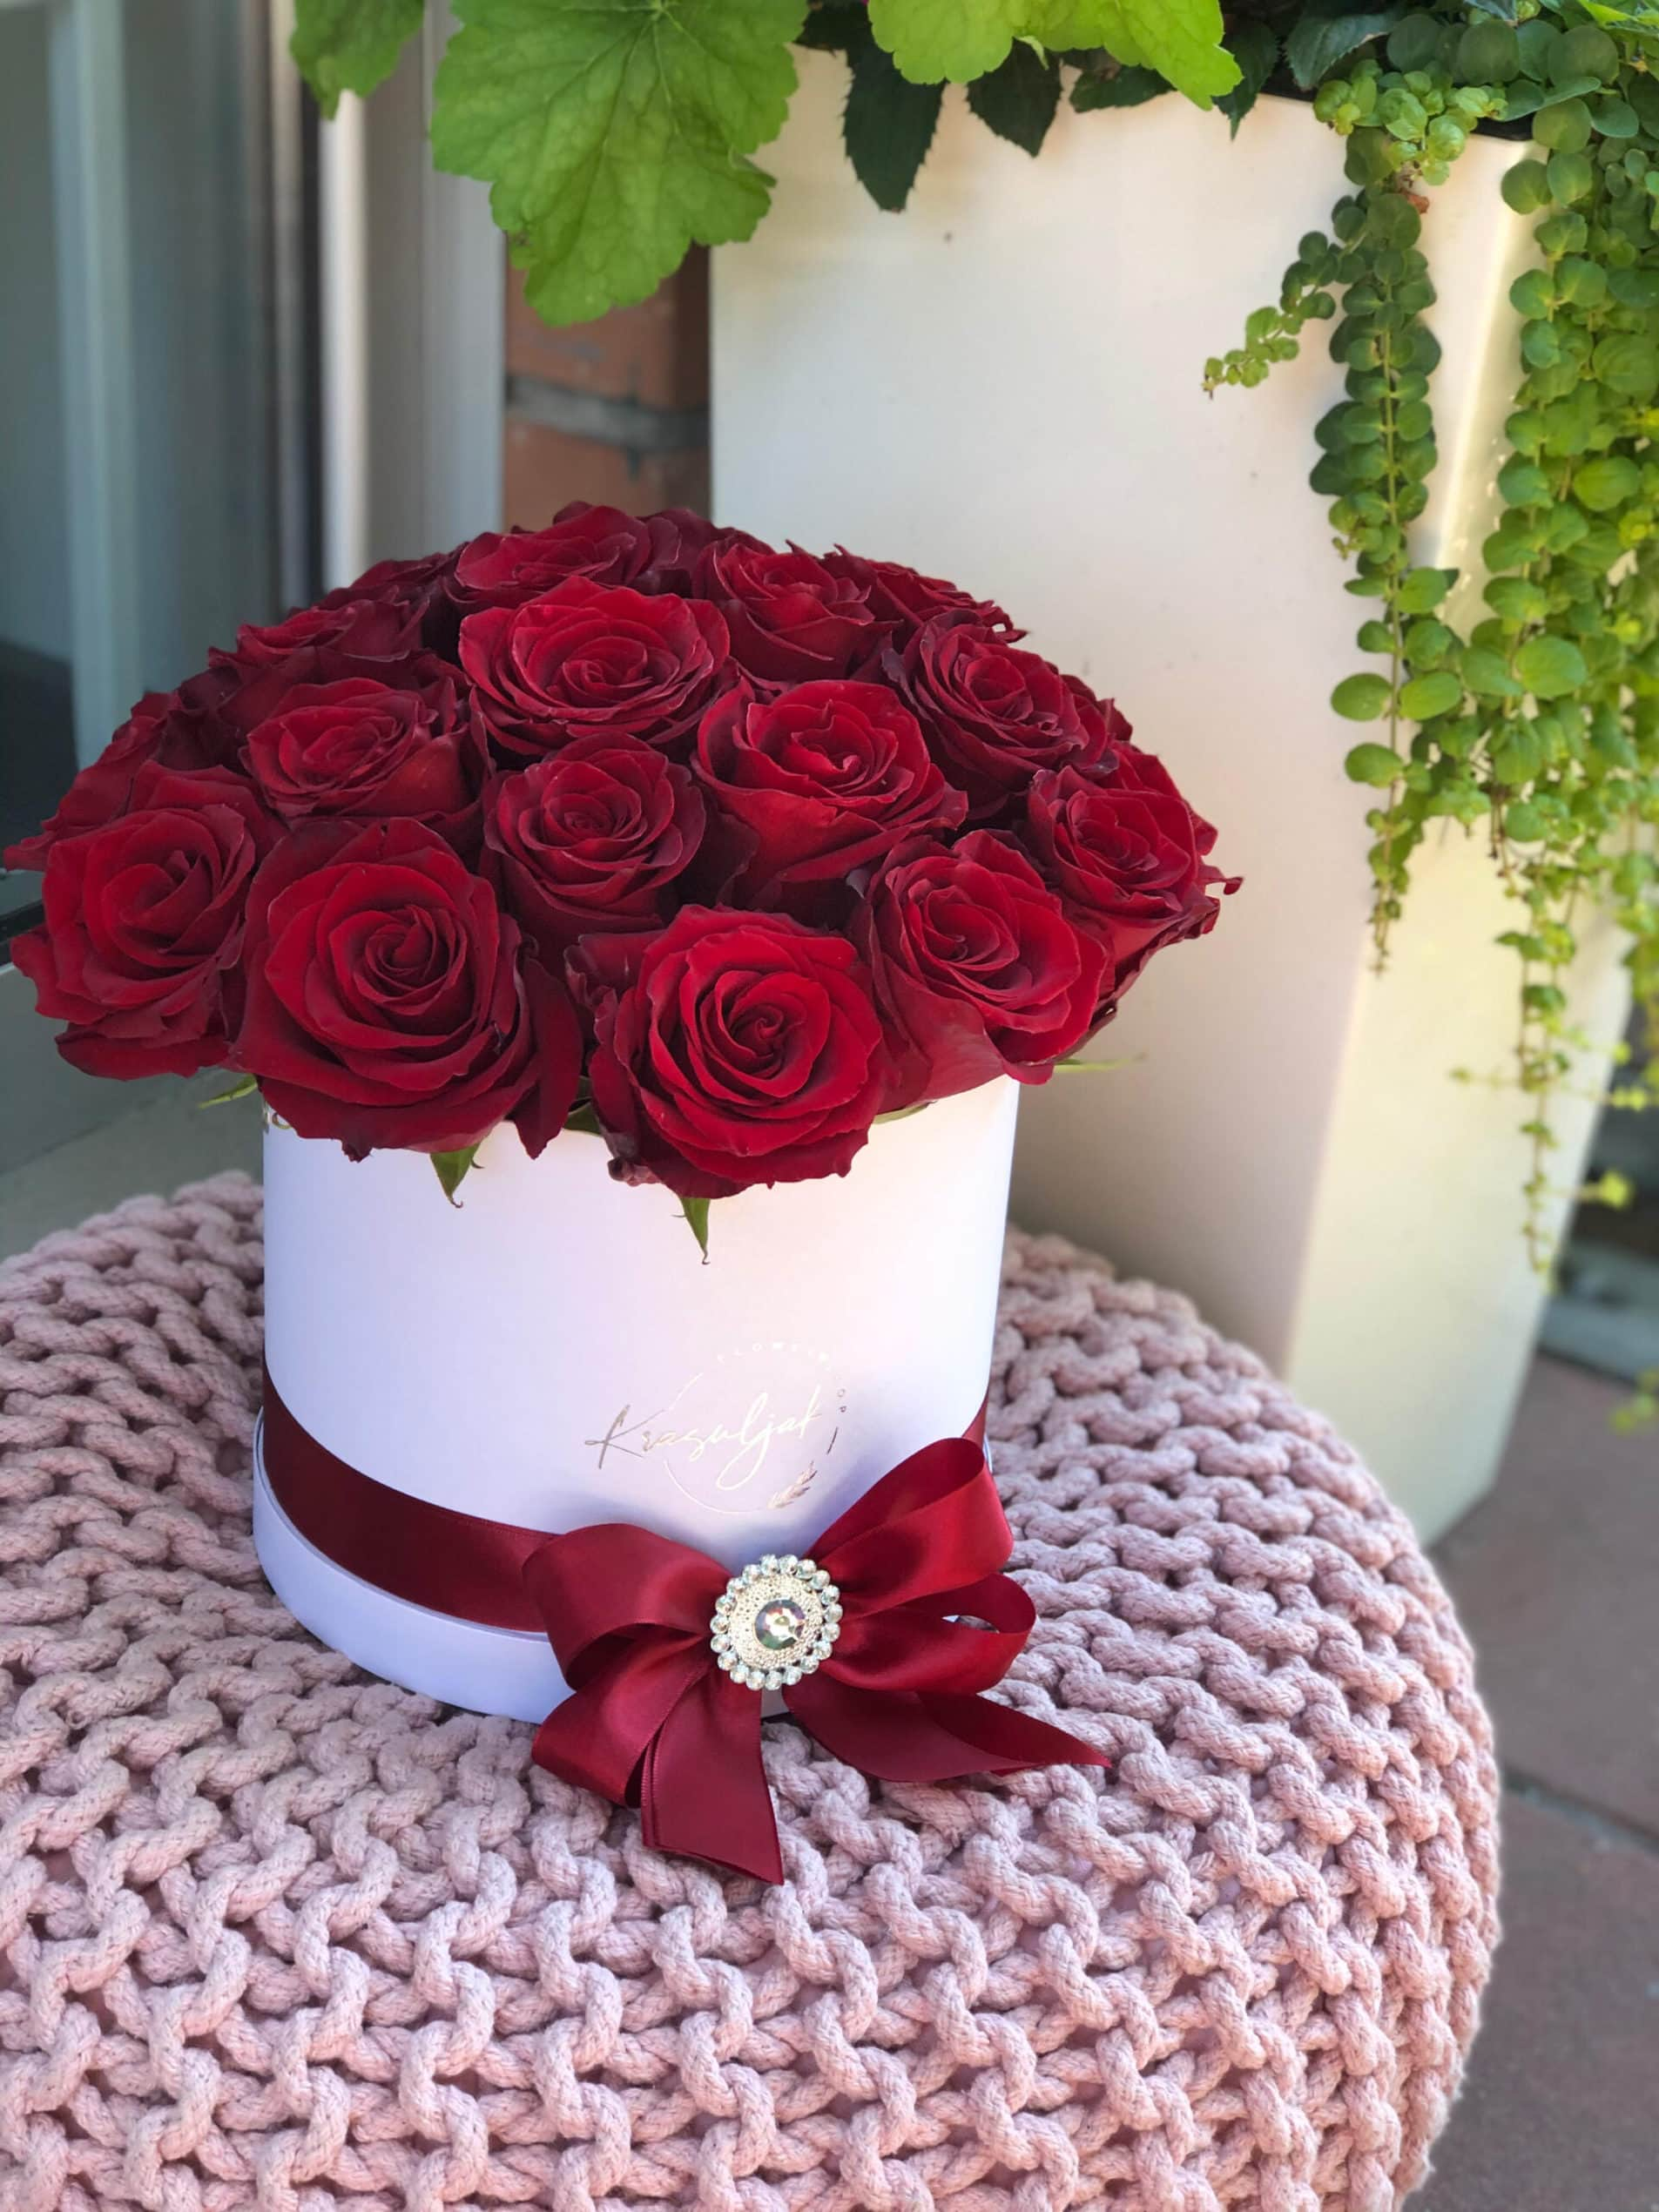 Cveće - bela kutija sa crvenim ružama